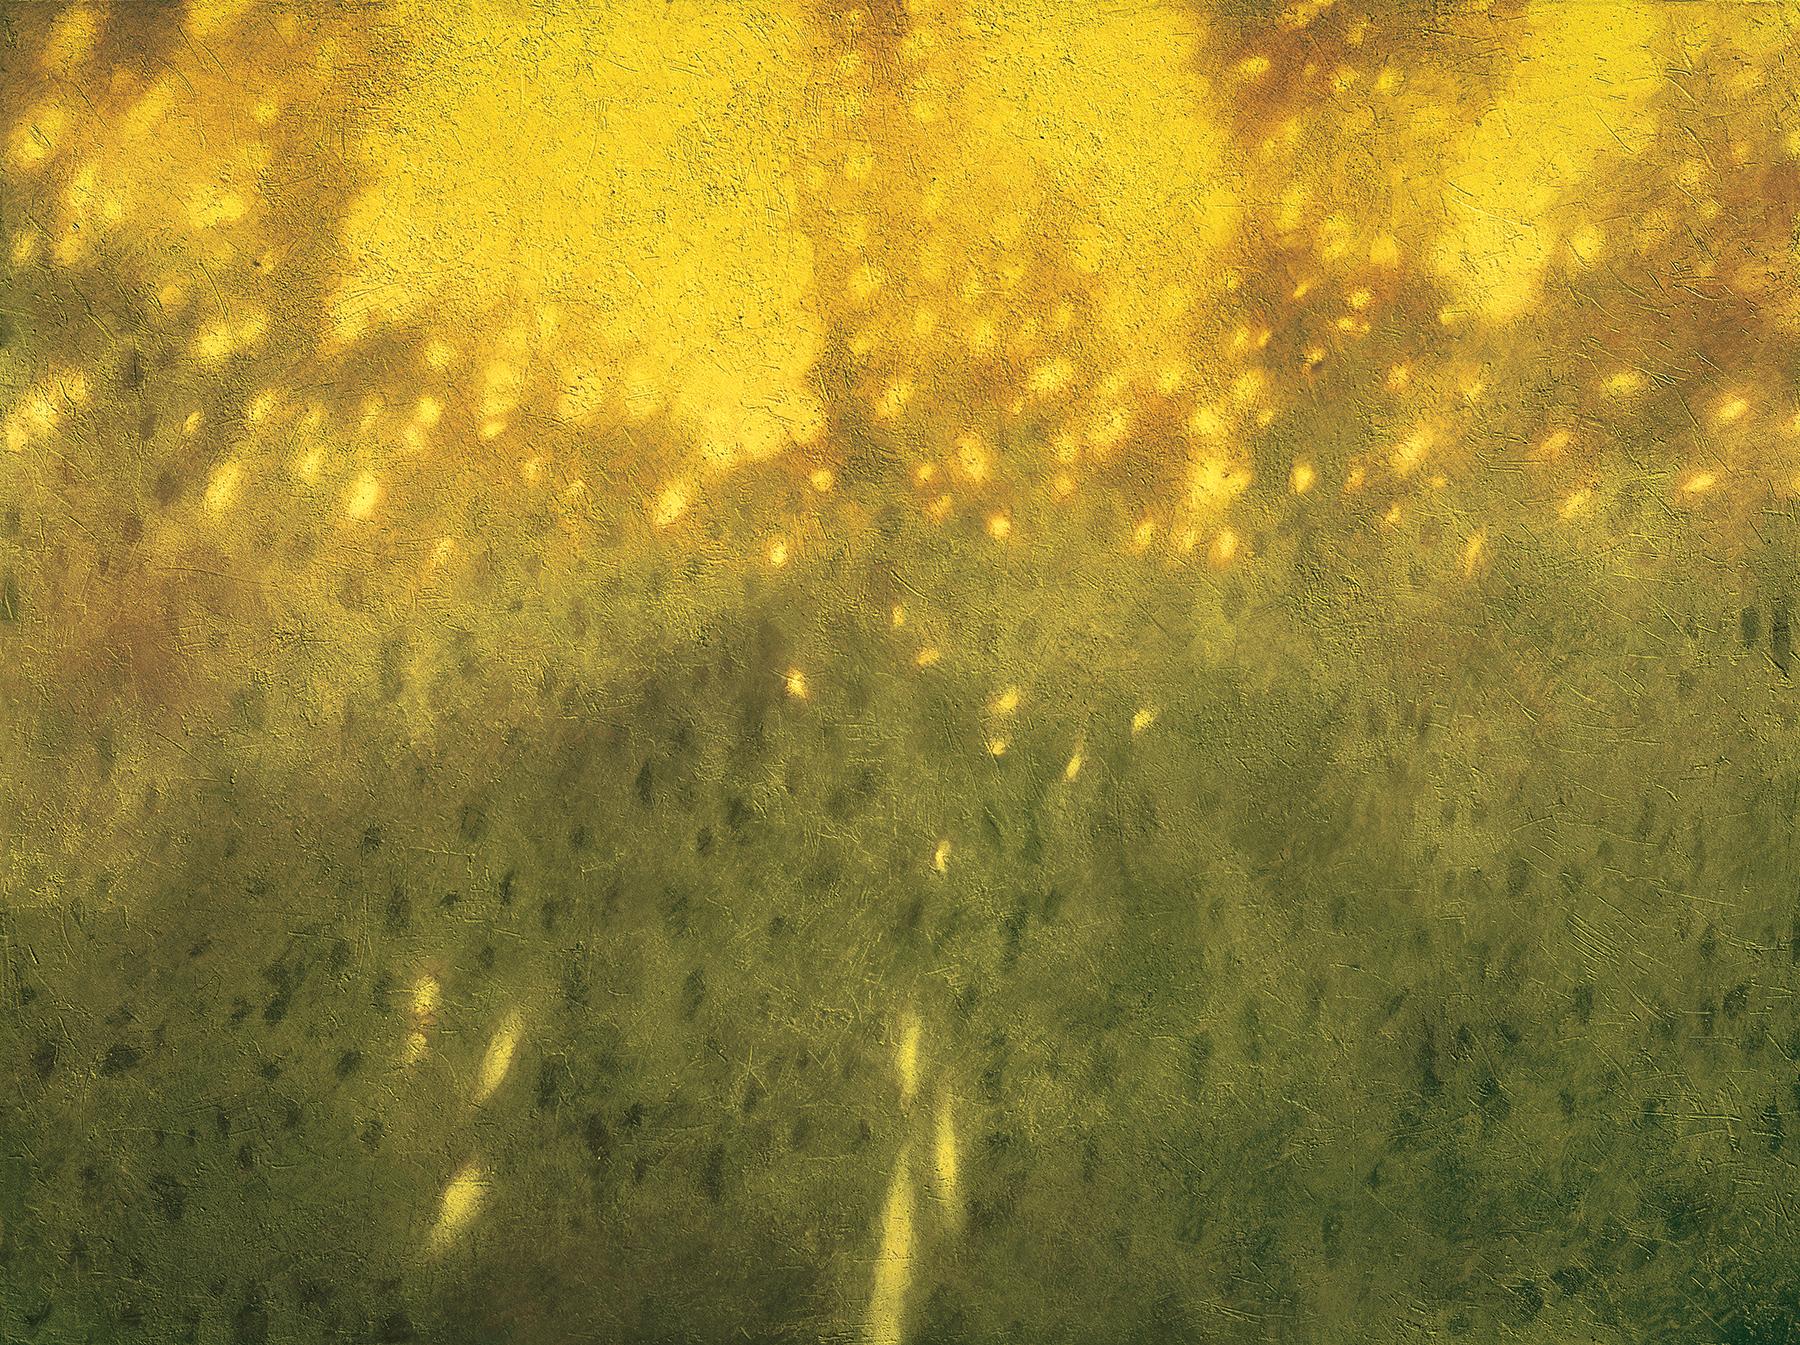 Bosco in giallo 2001 acrilico e olio su tela cm 150x200